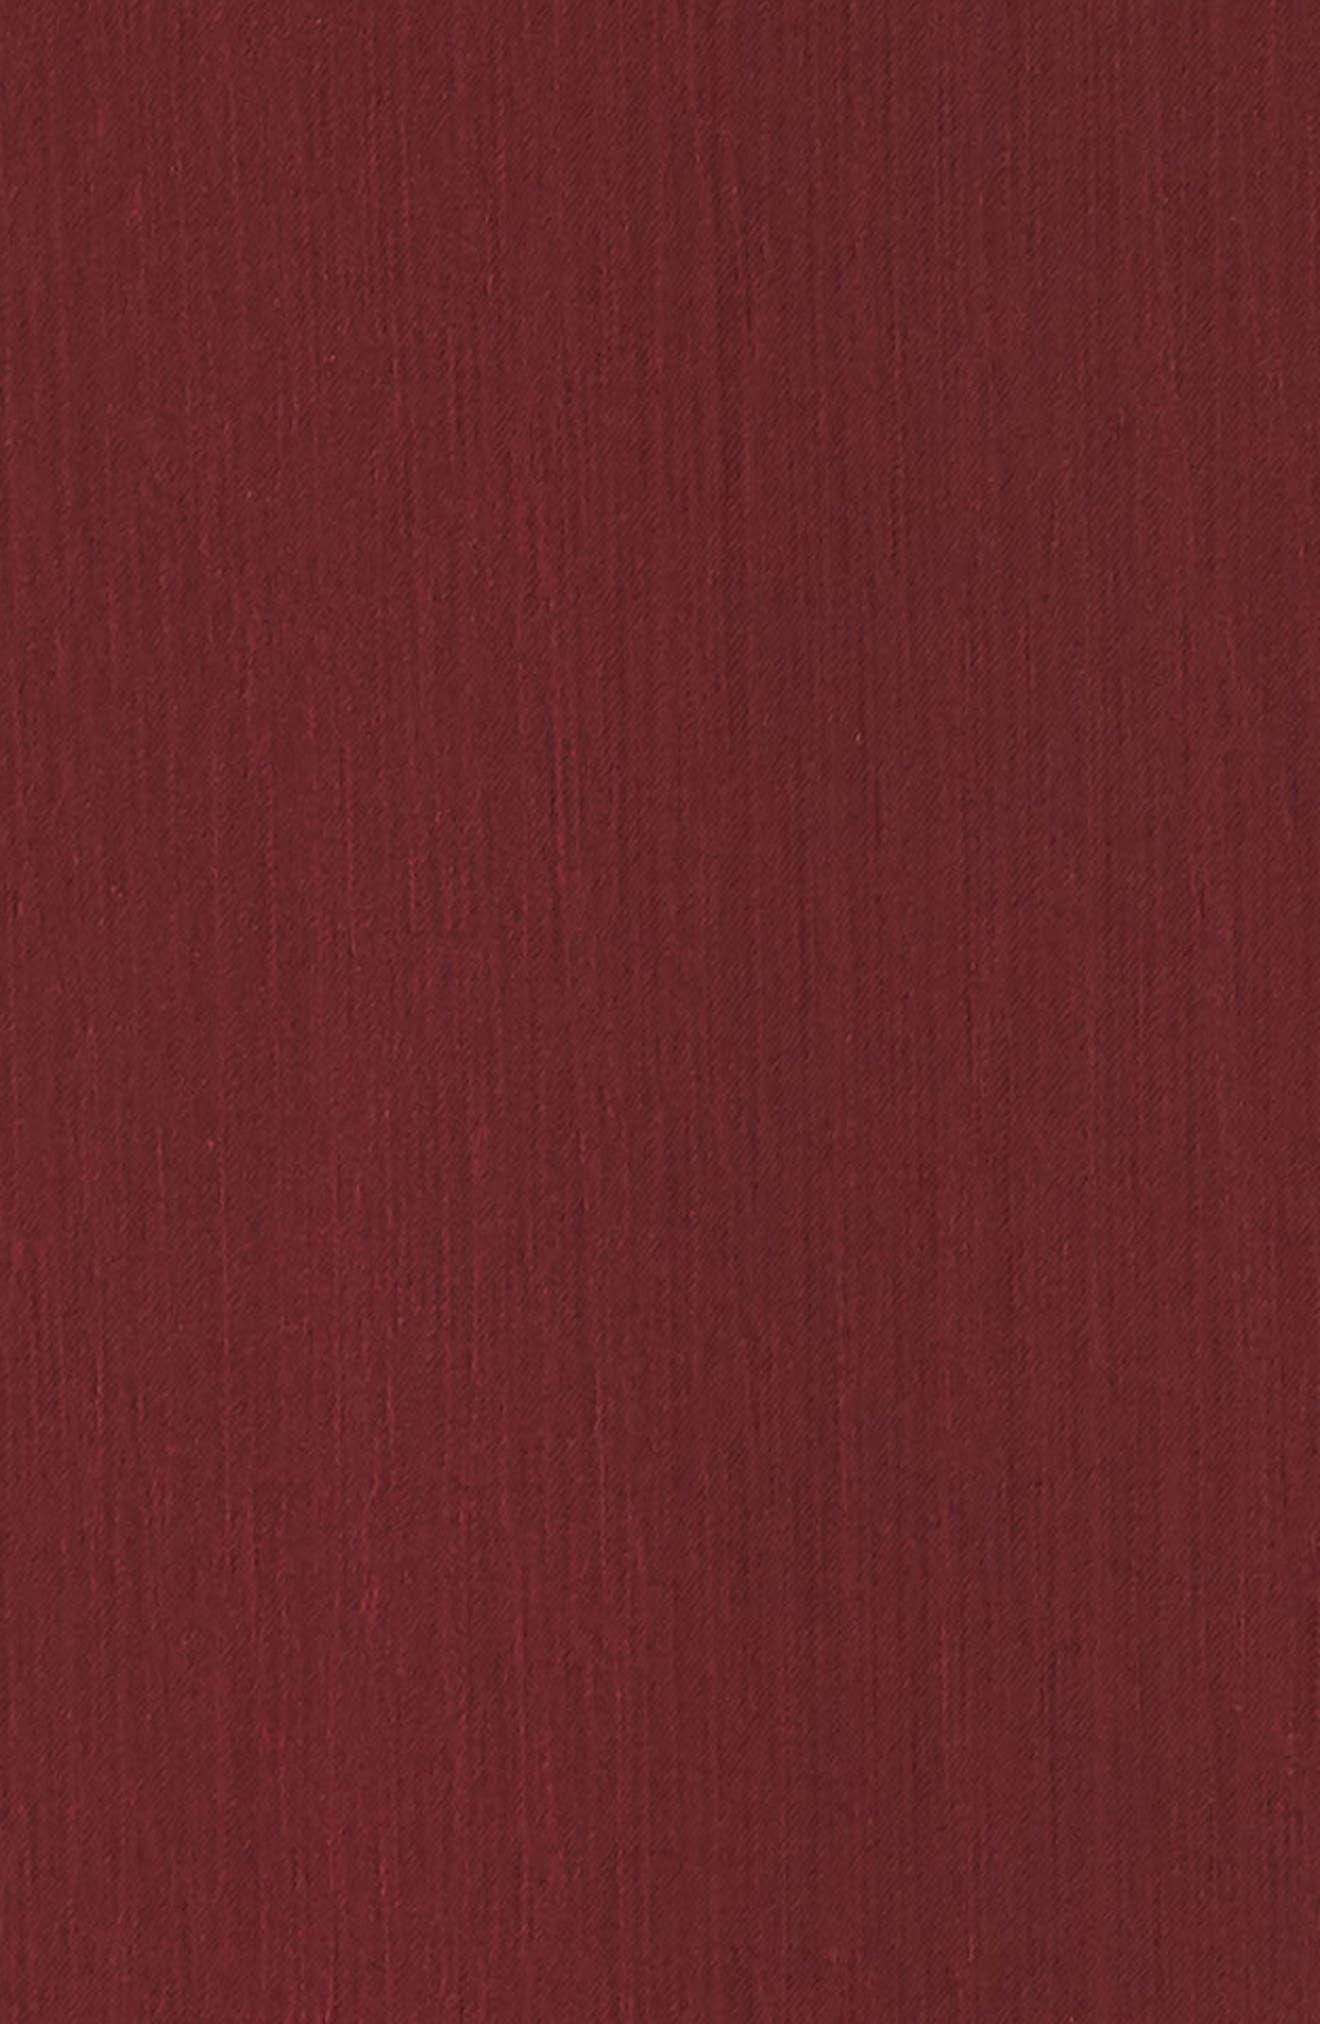 Meryl Long Sleeve Wrap Maxi Dress,                             Alternate thumbnail 6, color,                             CABERNET